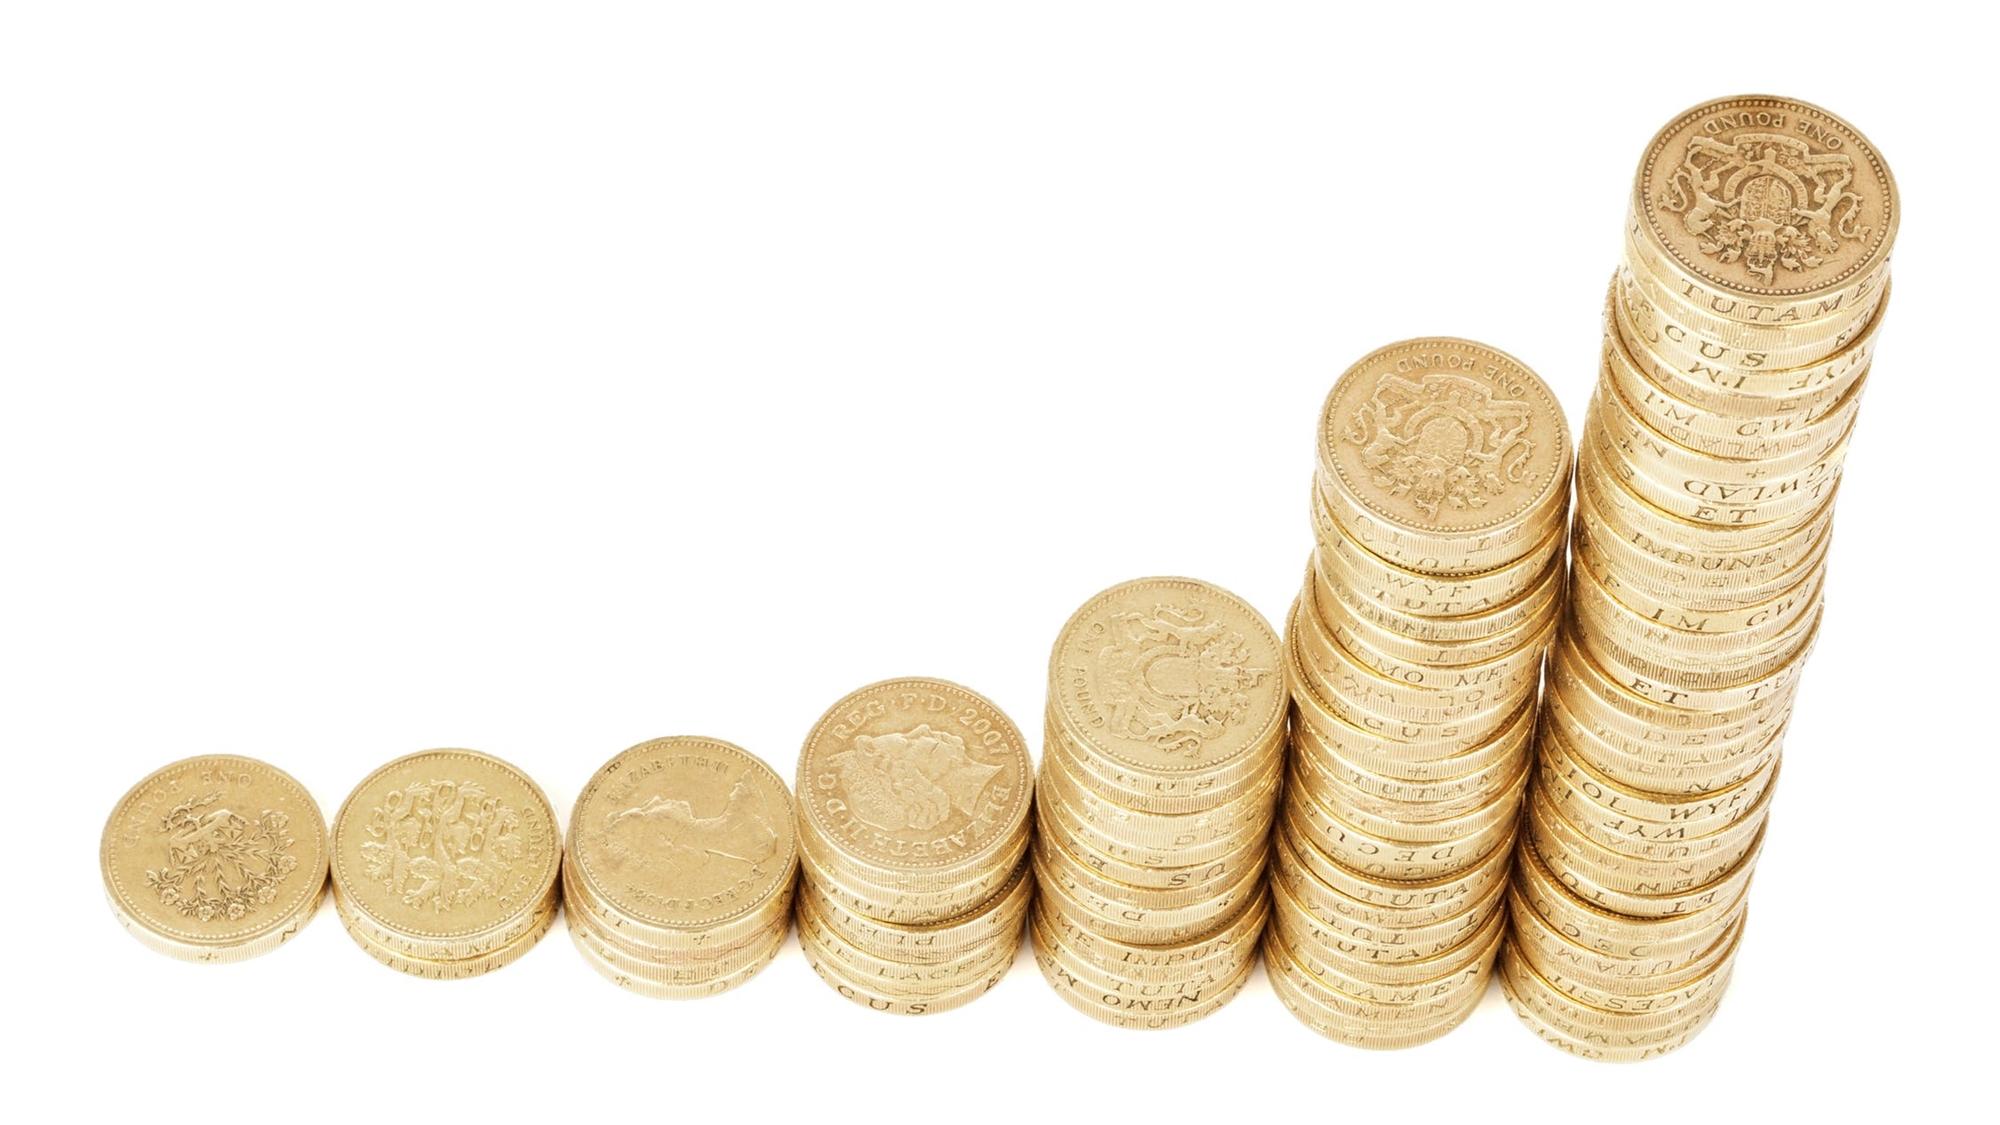 Riqueza de 26 multimillonarios iguala a la de 3,800 millones de pobres: Oxfam